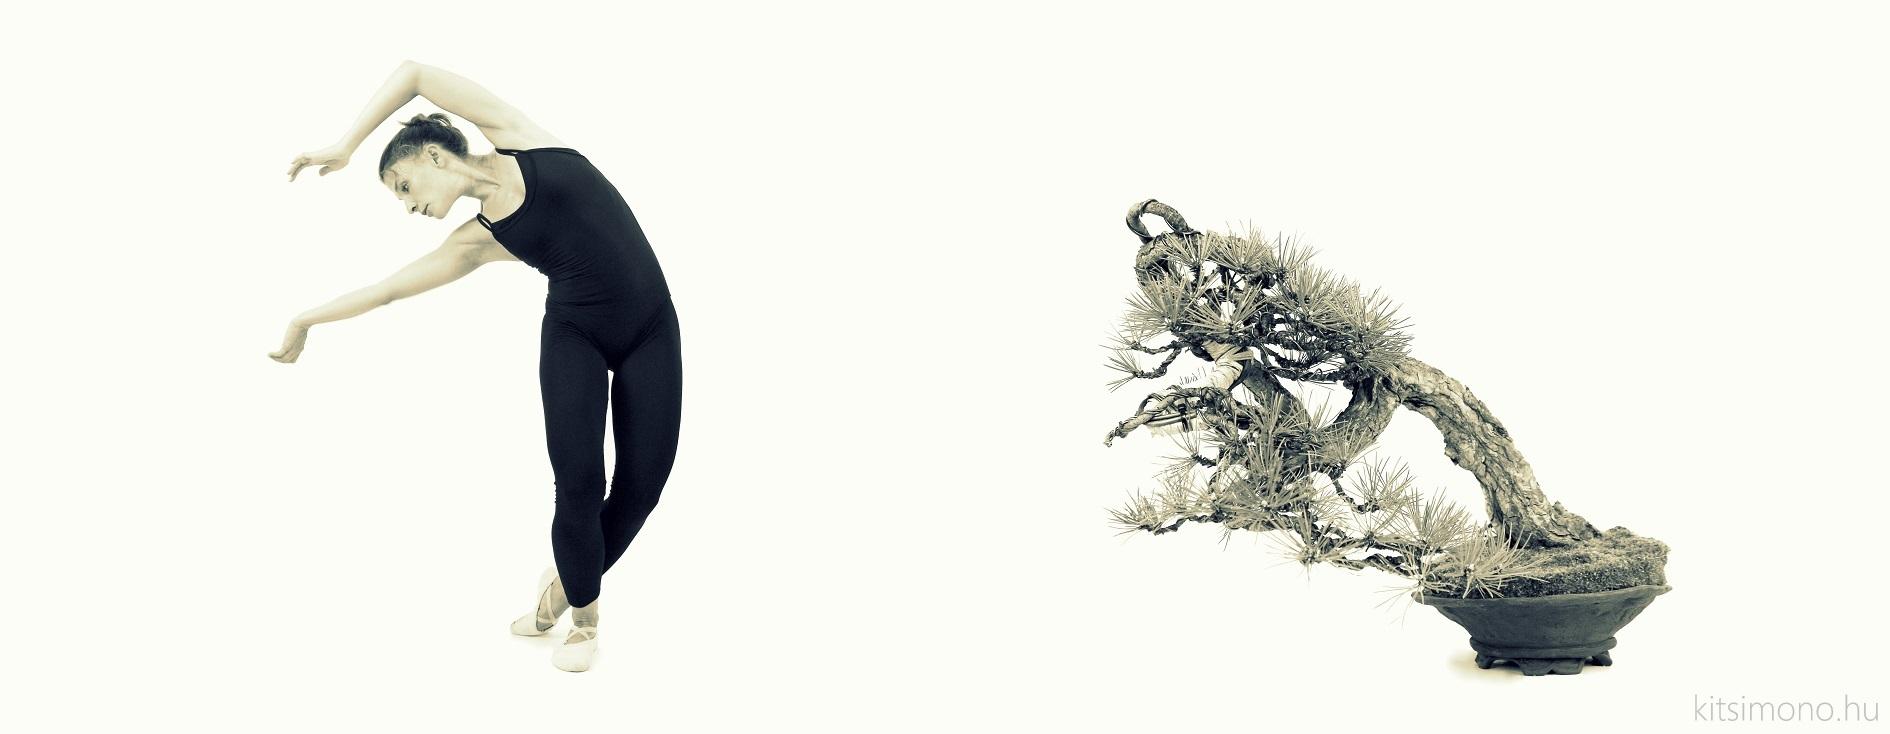 pinus nigra black pine matsu and literati bunjin bonsai ballet (14)